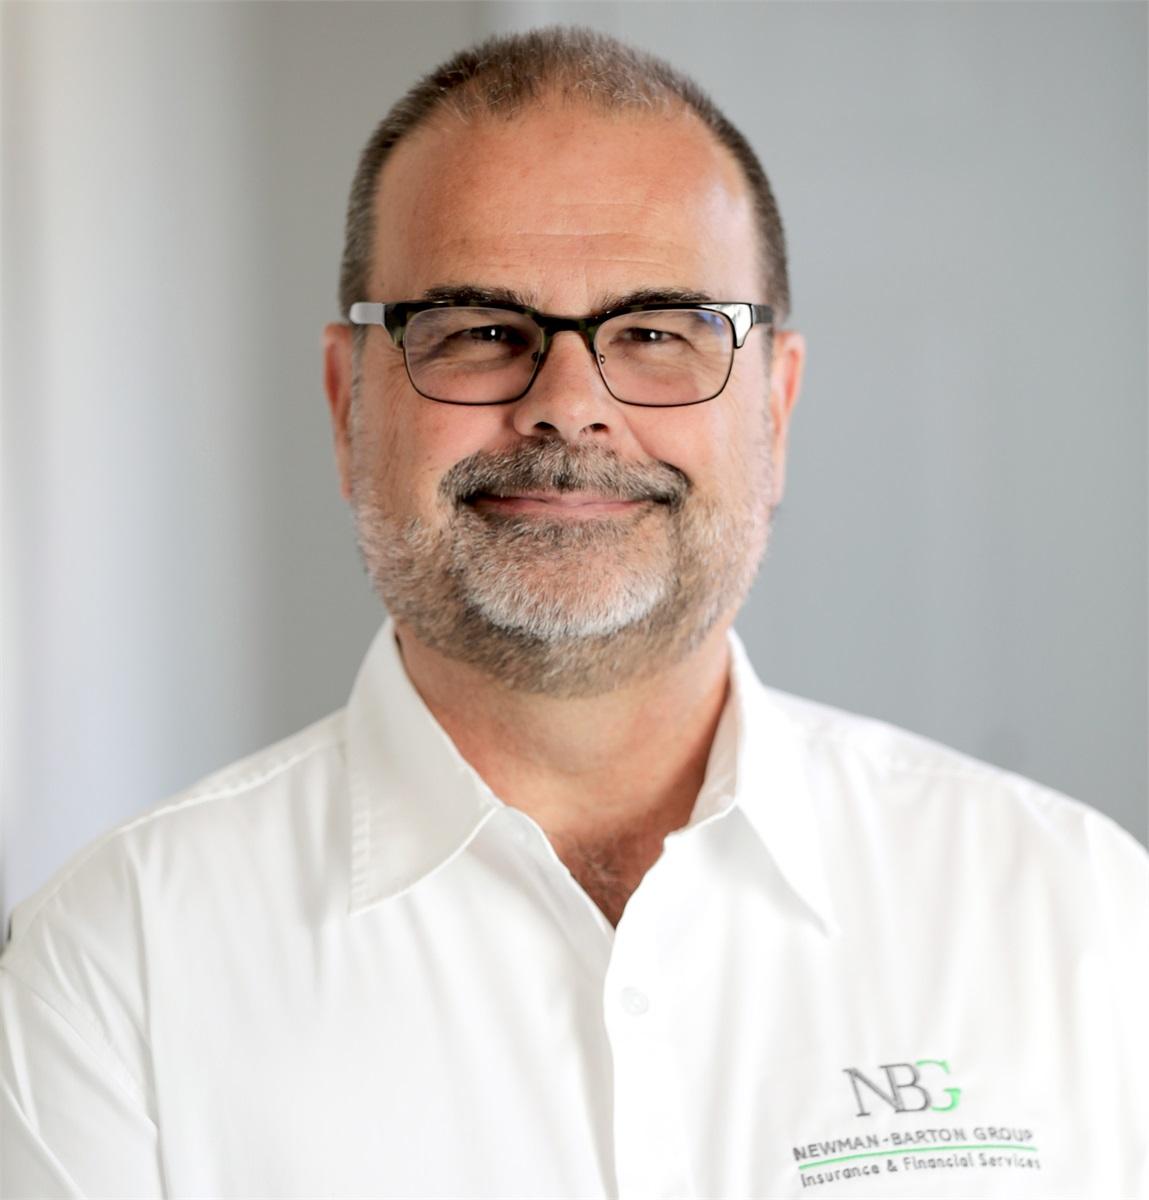 Staff Spotlight - Russ Newman